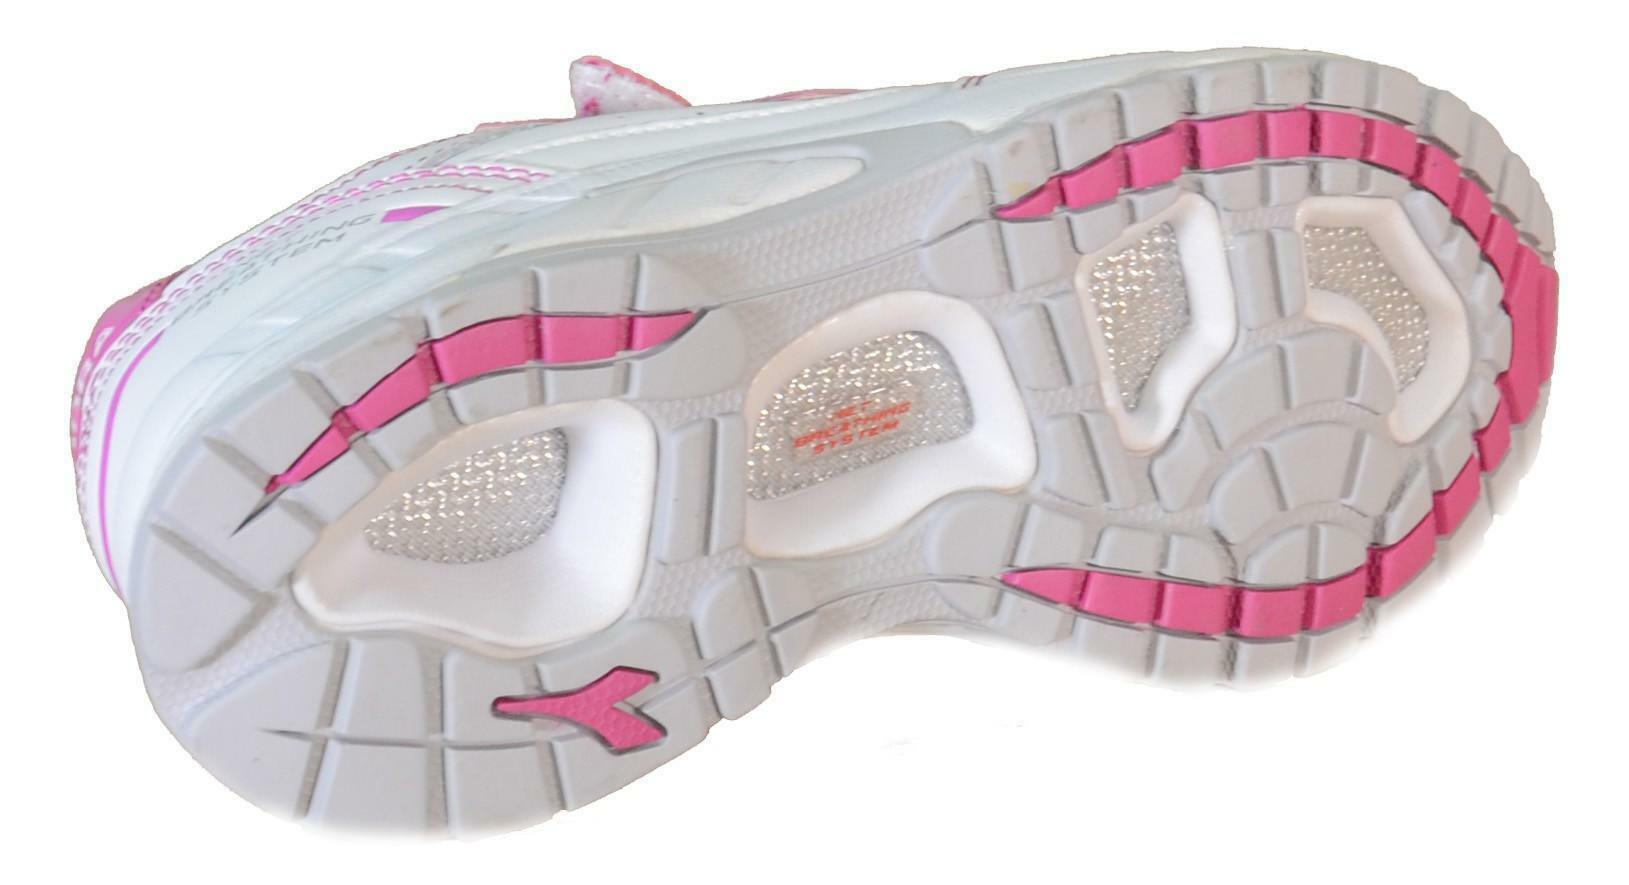 diadora diadora scarpe sportive bambina bianche pelle strappi 158409